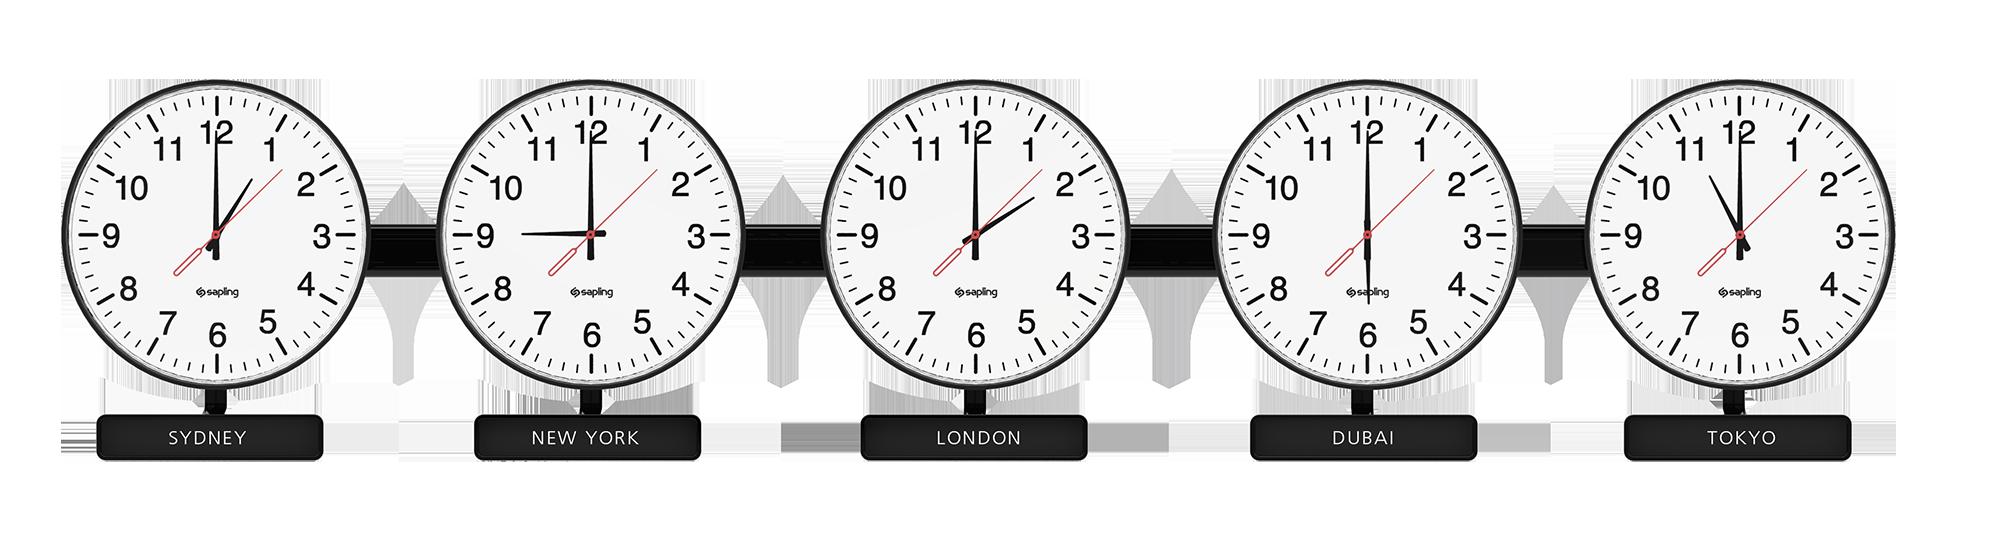 Time Zone Clock Wallpaper - WallpaperSafari